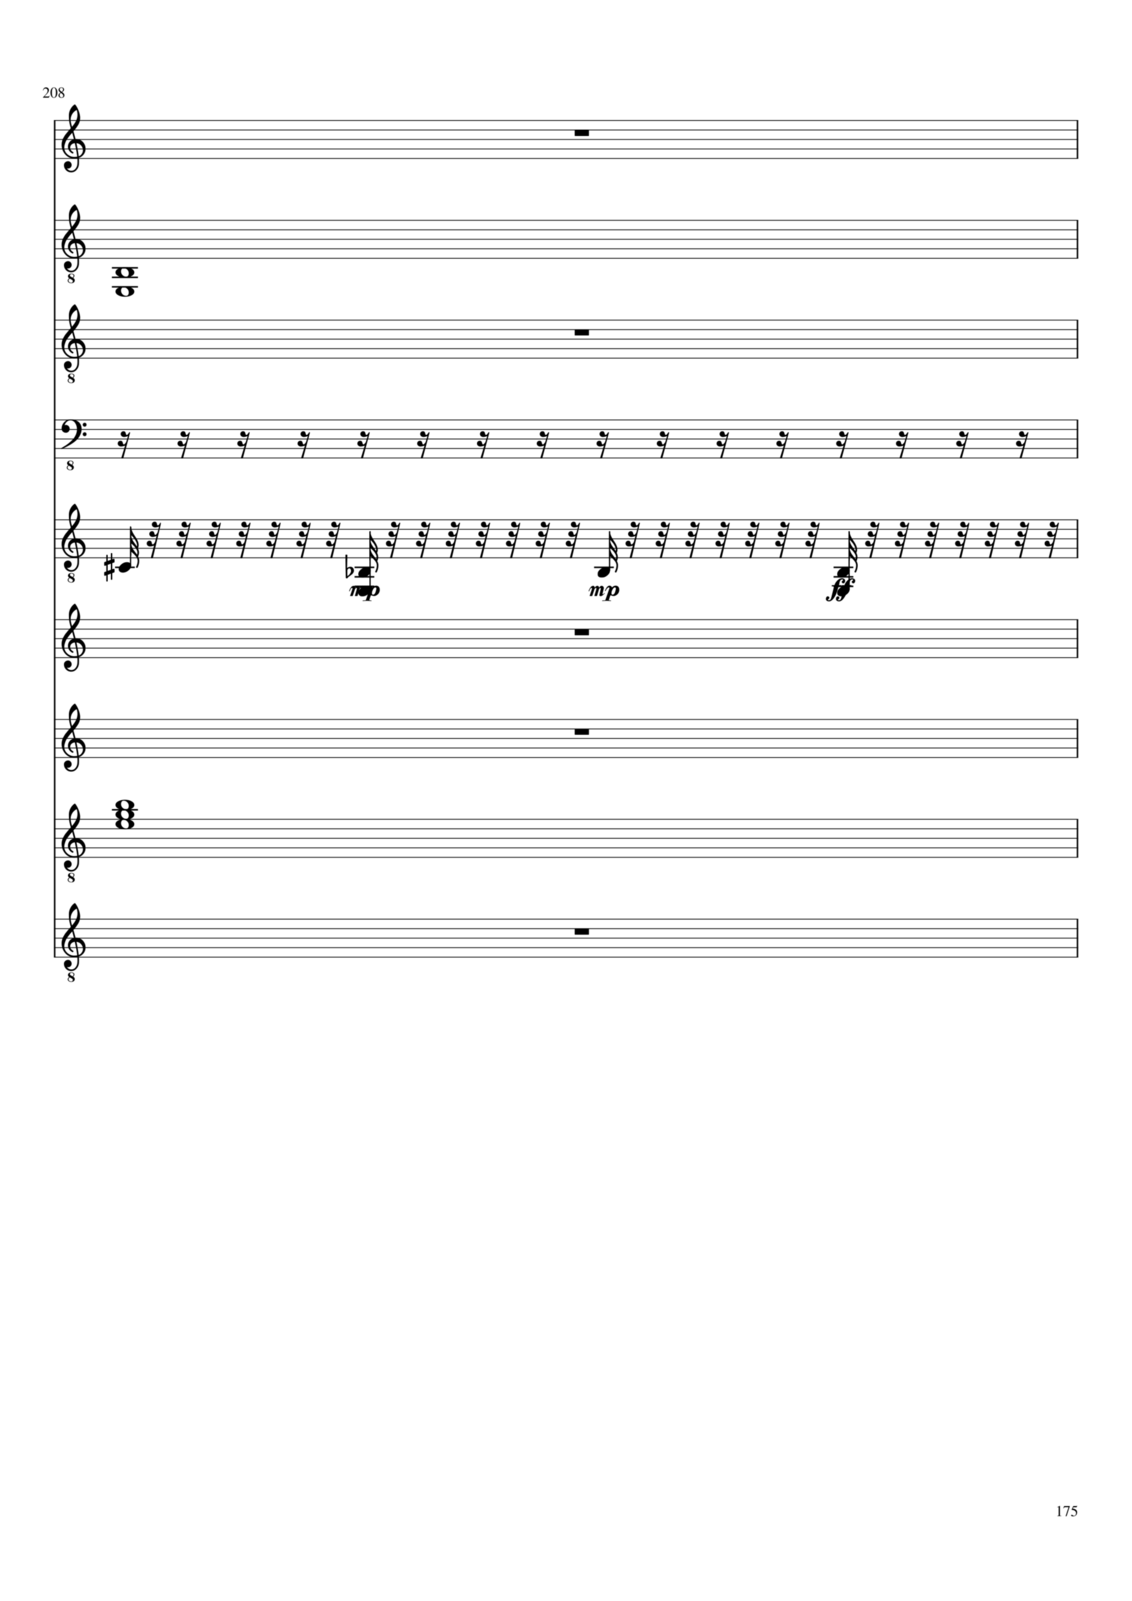 Zagadka volshebnoy stranyi slide, Image 175